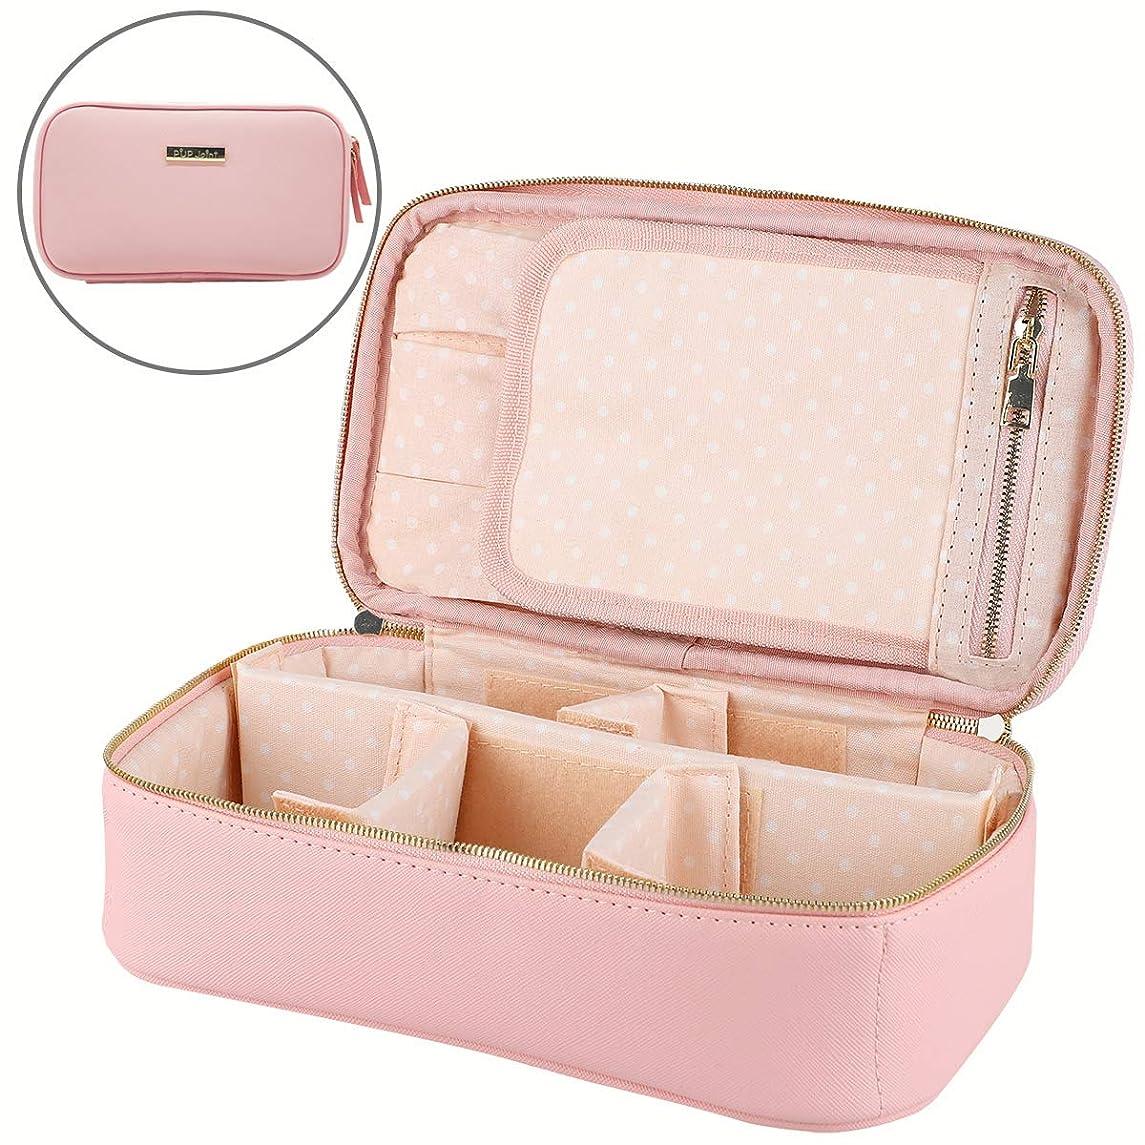 資源シェル気質PUP Joint 化粧ポーチ メイクボックス 收納抜群 大容量 可愛い 化粧バッグ 可愛い 旅行 家用に大活躍な化粧箱